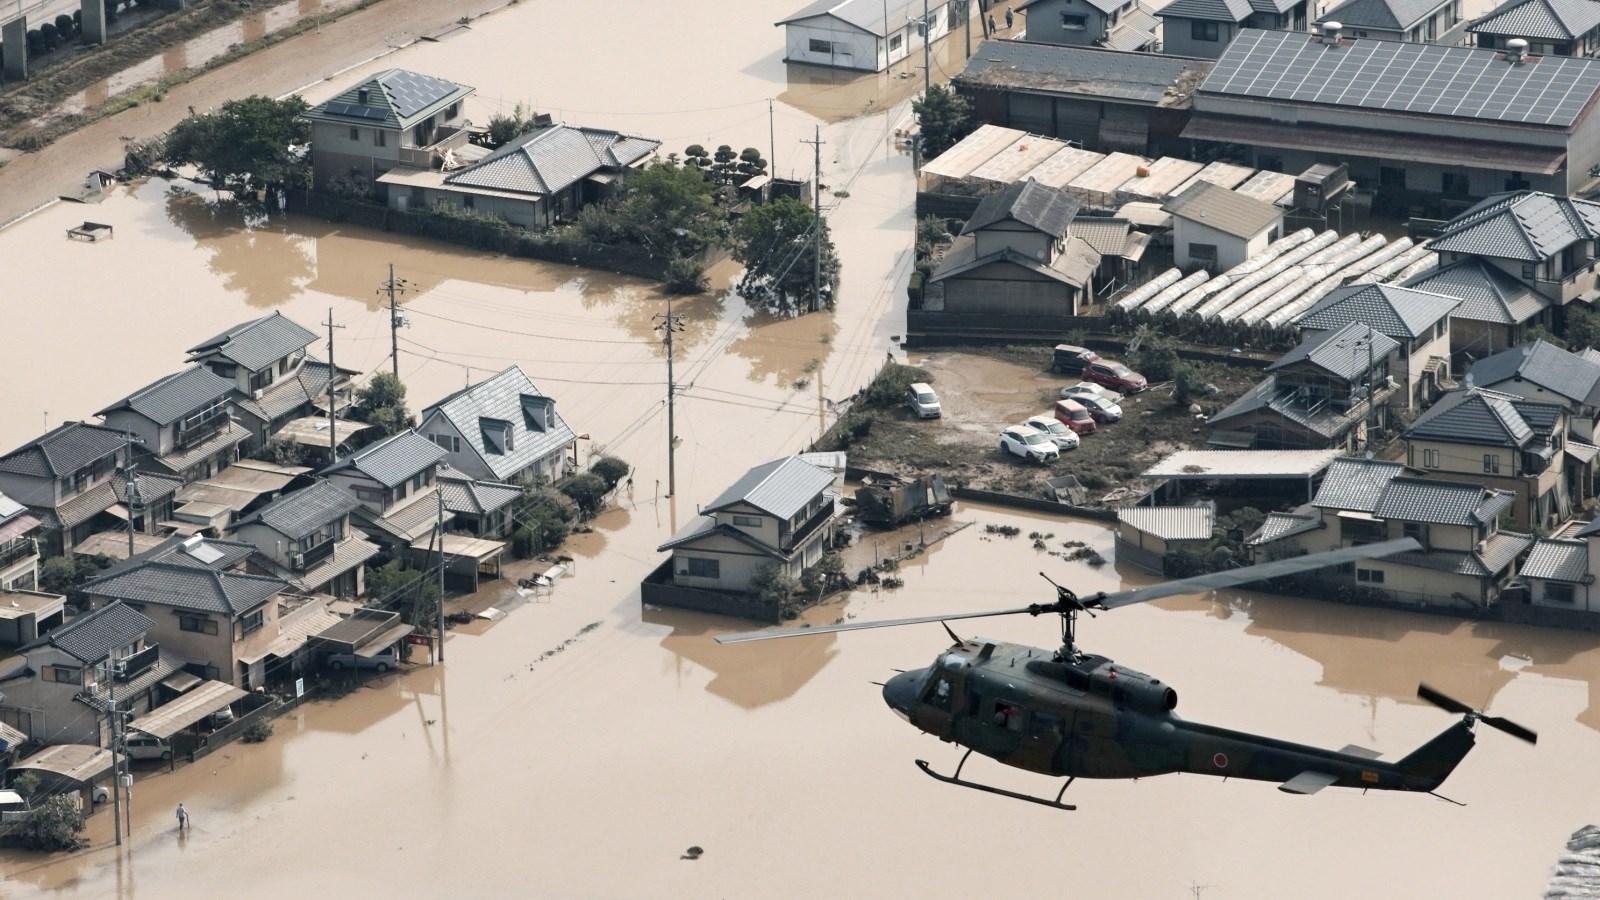 رئيس الوزراء الياباني: تعبئة 40 ألف عنصر من الشرطة والإطفاء وخفر السواحل وقوات الدفاع الذاتي اليابانية لنجدة المنكوبينن والبحث عن المفقودين